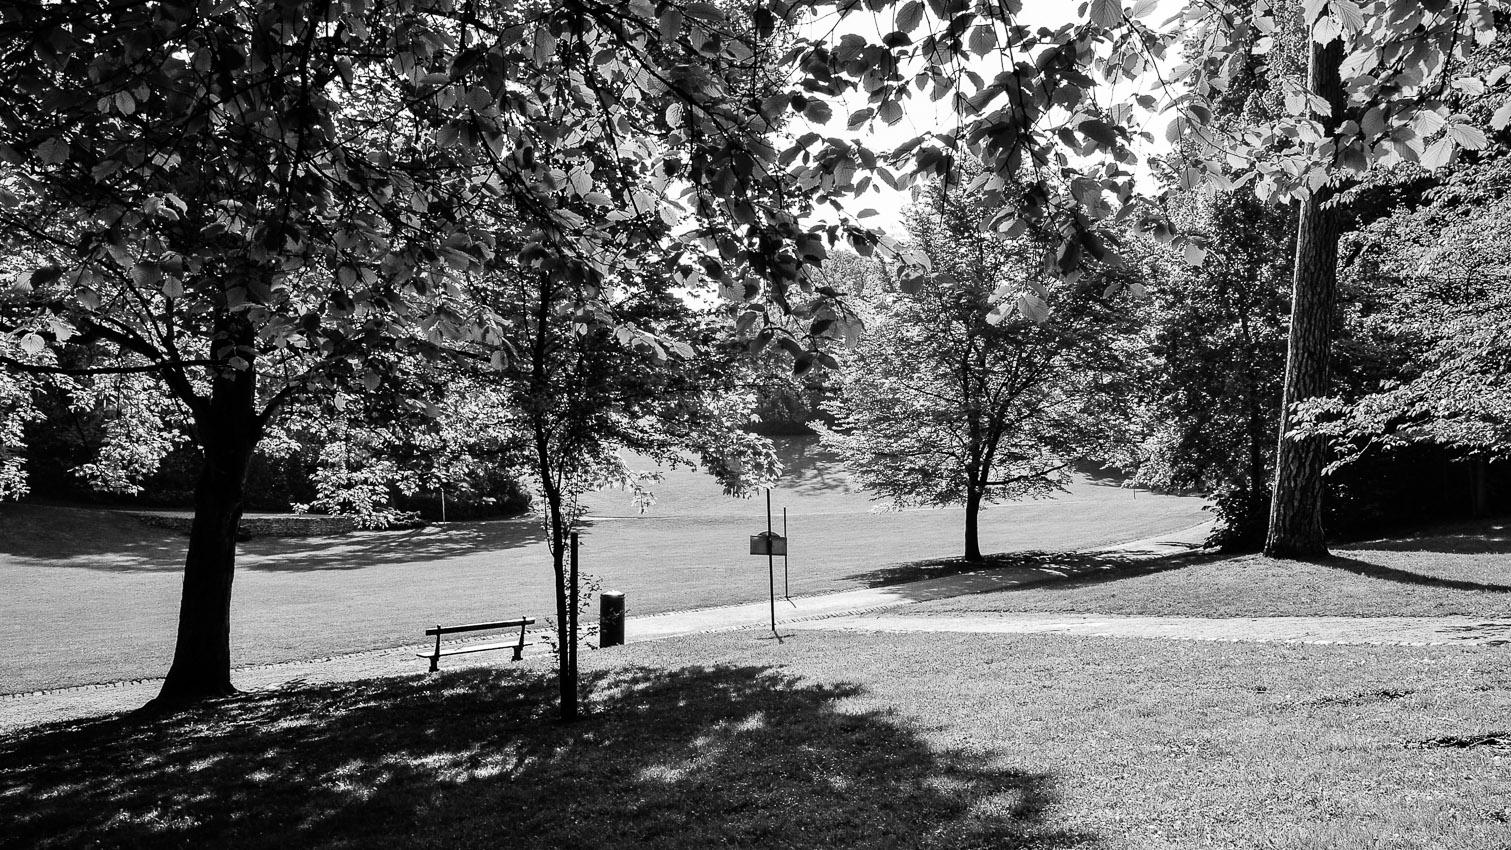 14-parc-foret-location-decors-film-cinema-photo-belgium-bruxelles